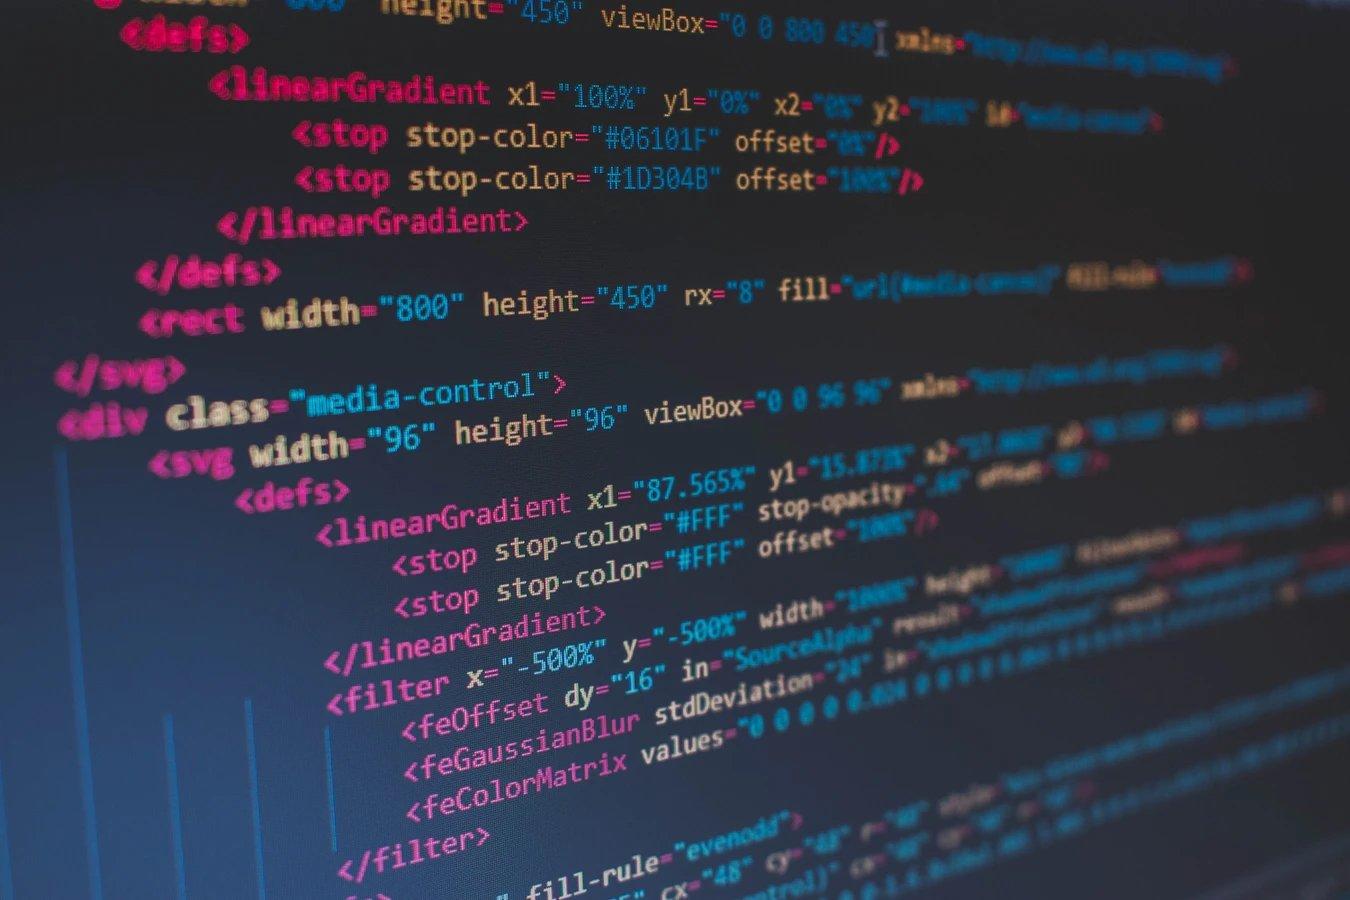 código em site